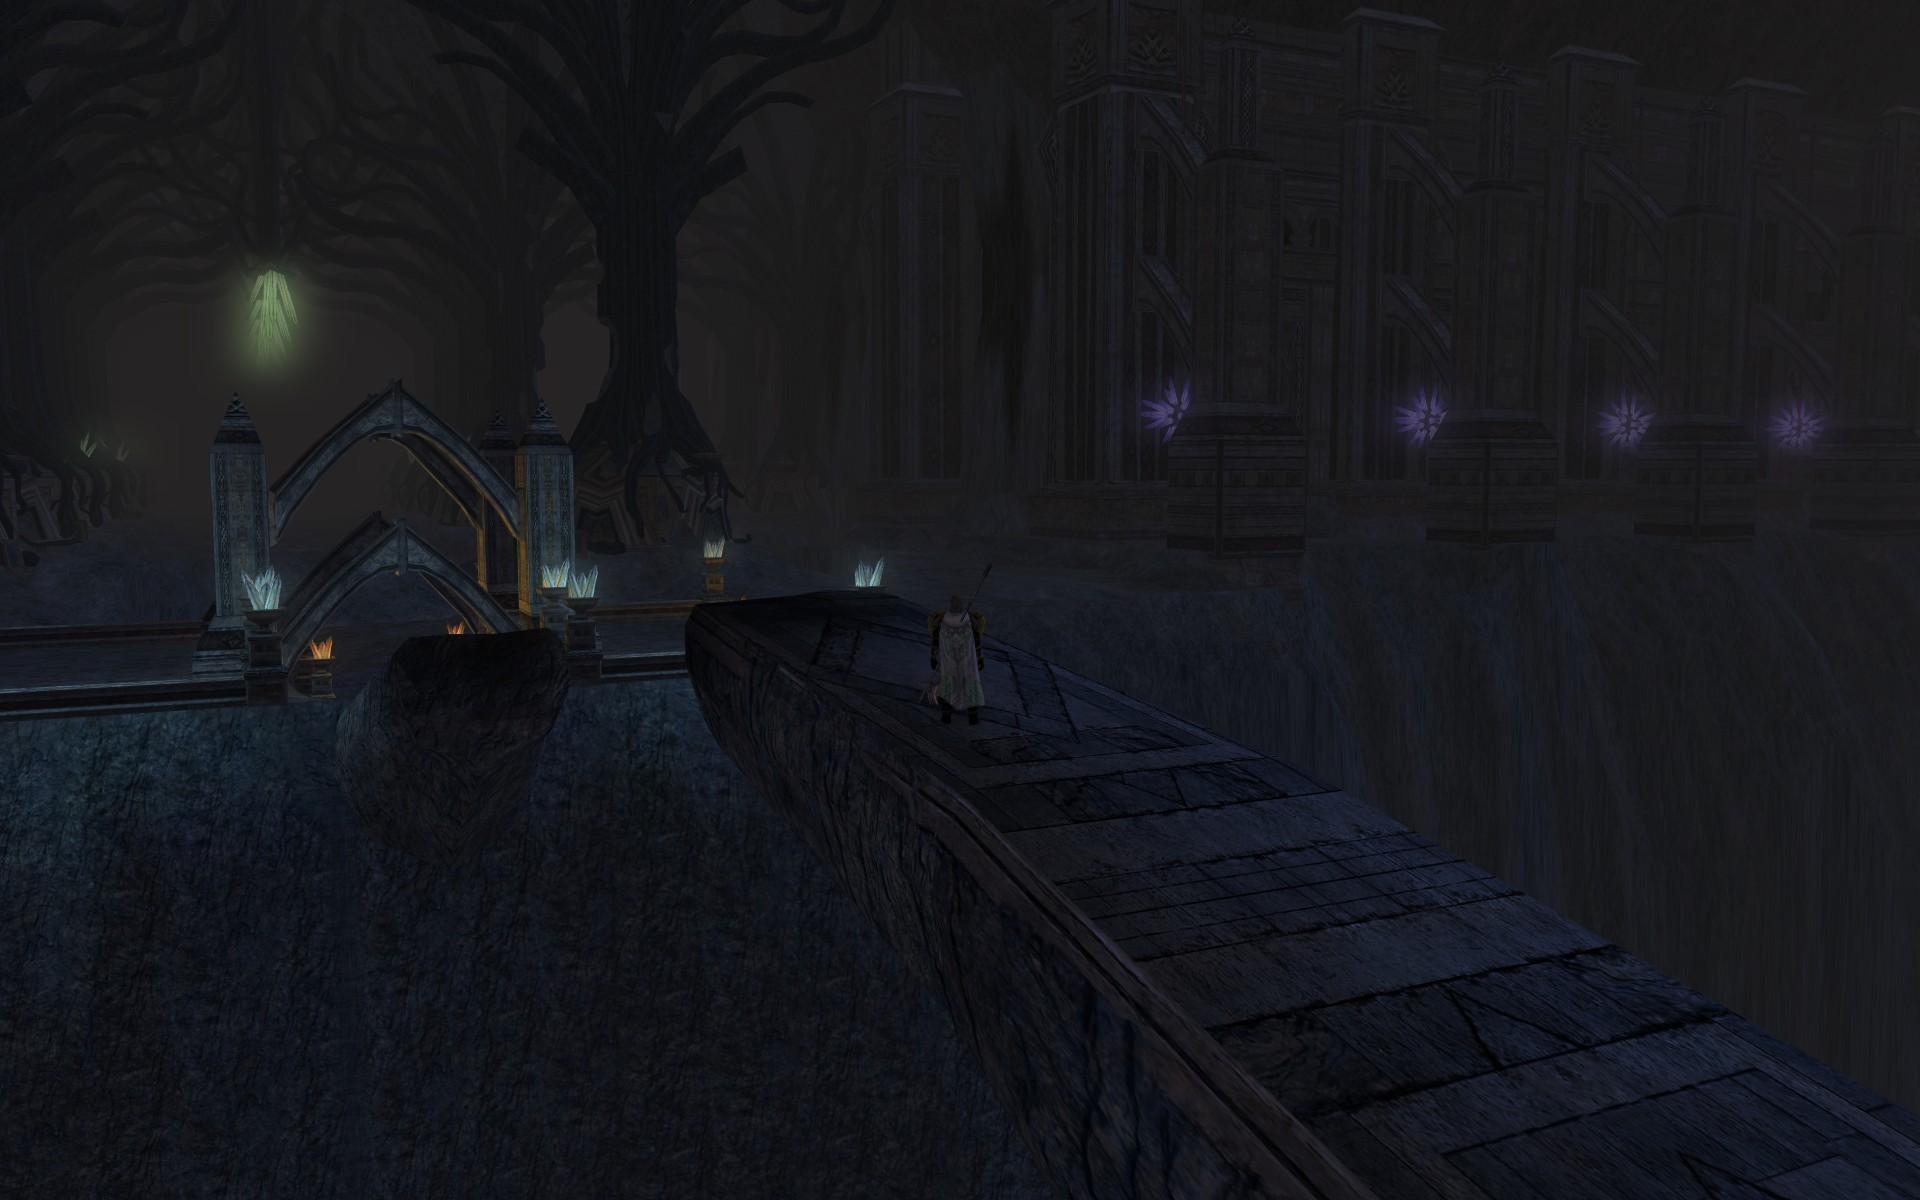 『ロード・オブ・ザ・リングス オンライン』におけるドゥリンの橋(東側から)